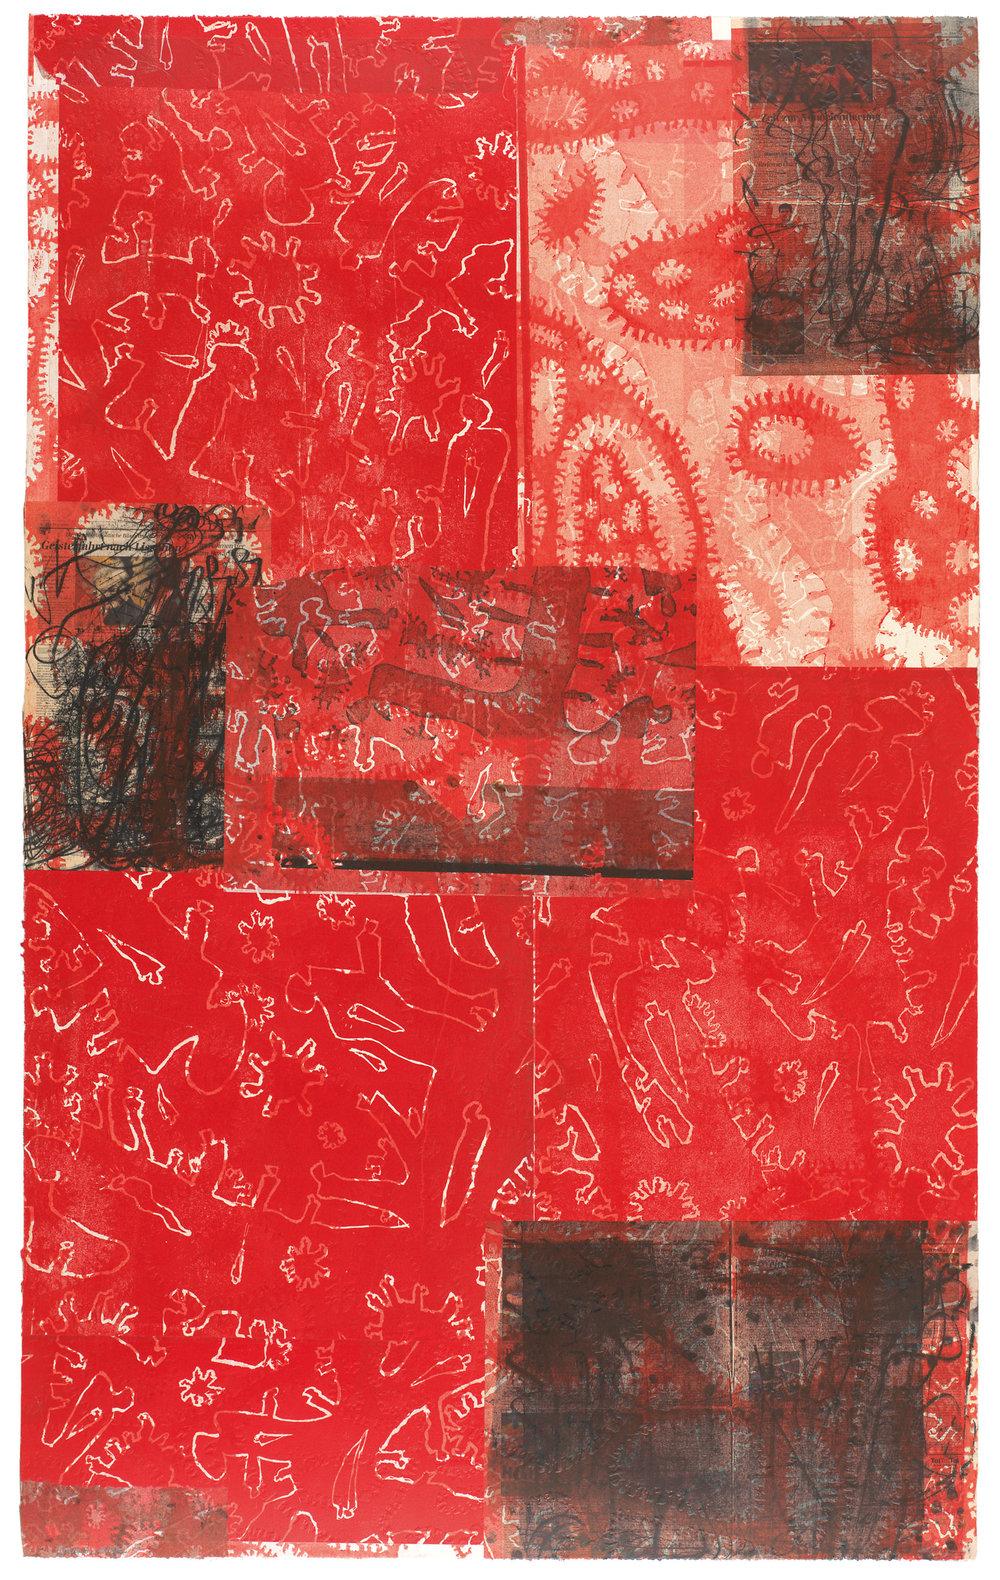 Rote Weißlinien Weltwegflämmlerenden